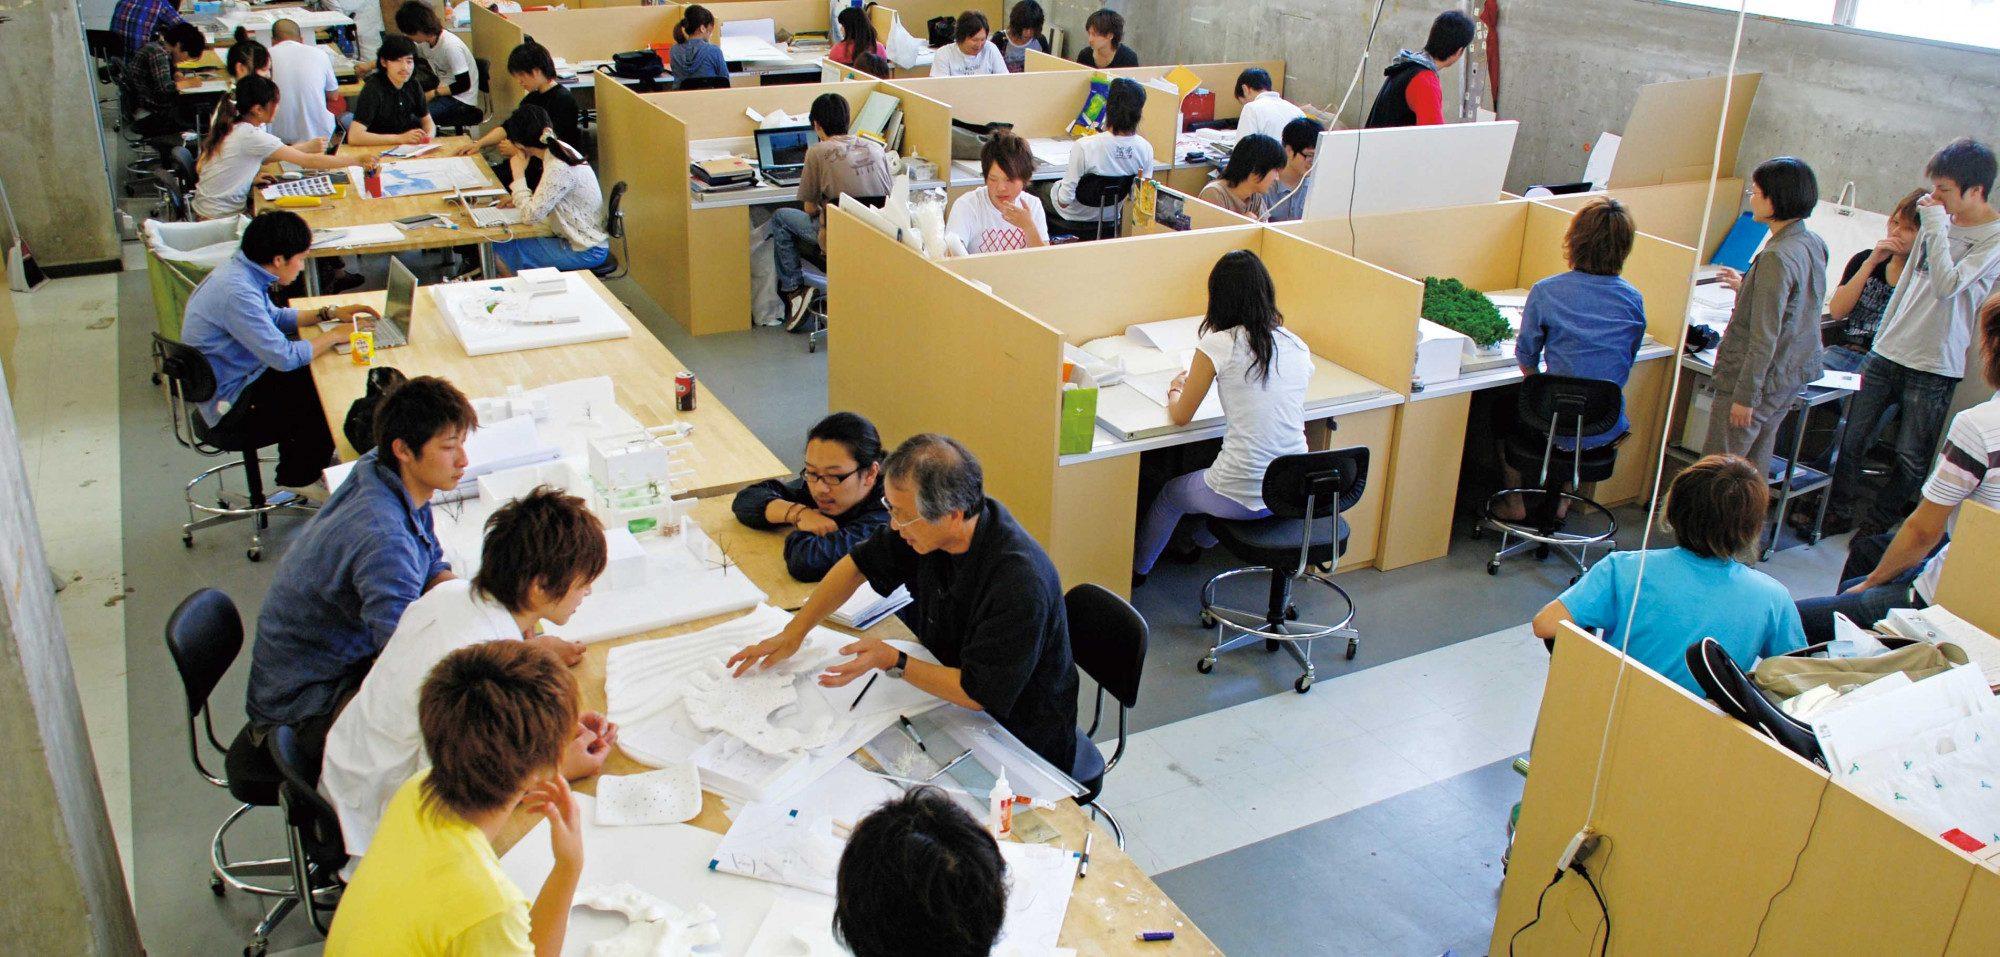 環境デザイン学科 カリキュラム・取得可能資格